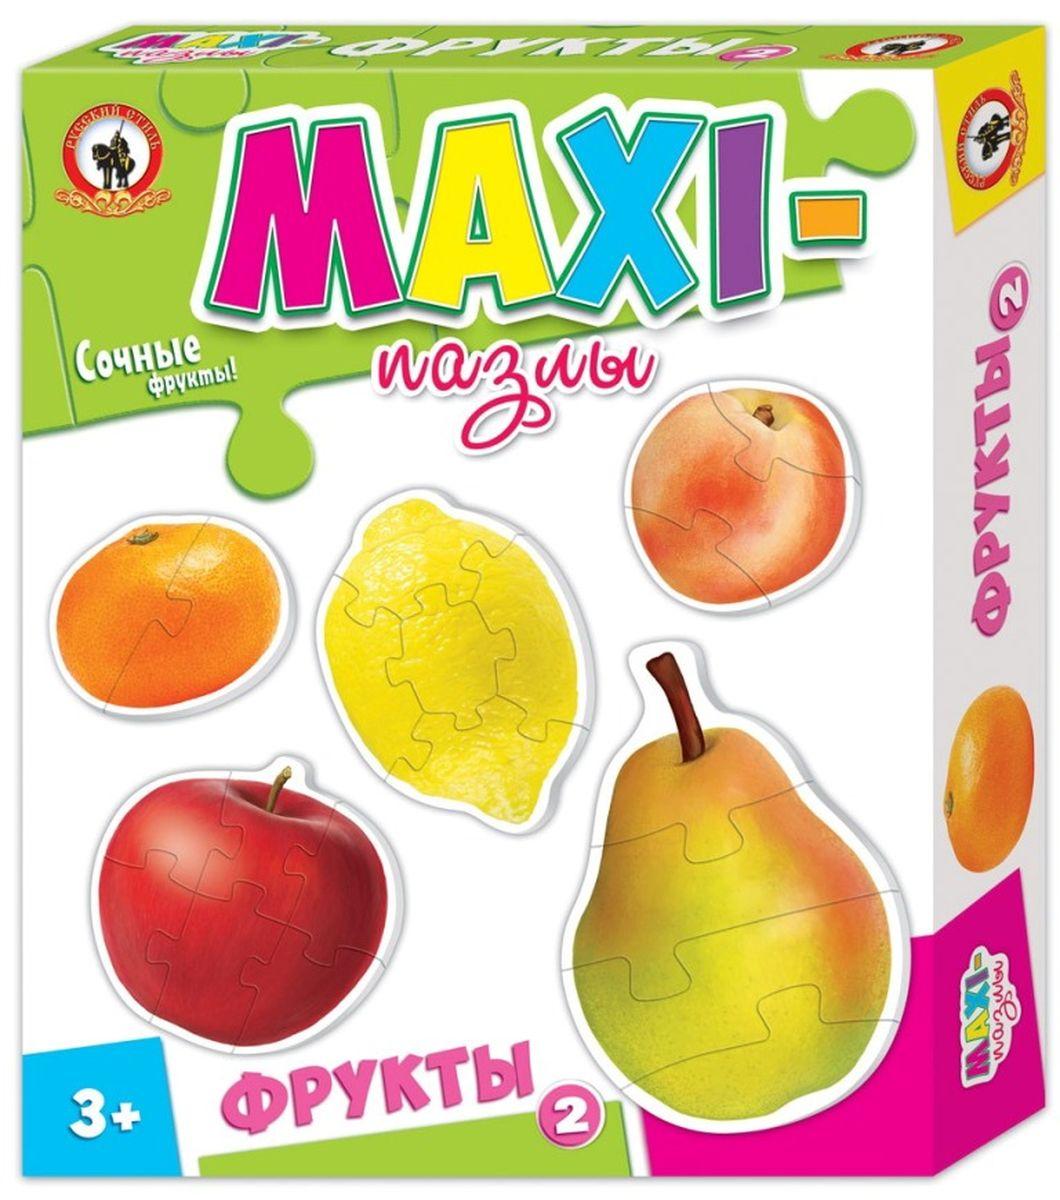 Русский стиль Макси пазлы Фрукты 203533Игра для детей от 3 лет. Состав набора: Мандарин (2 элемента) Персик (3 элемента) Груша (4 элемента) Лимон (5 элементов) Яблоко (6 элементов)